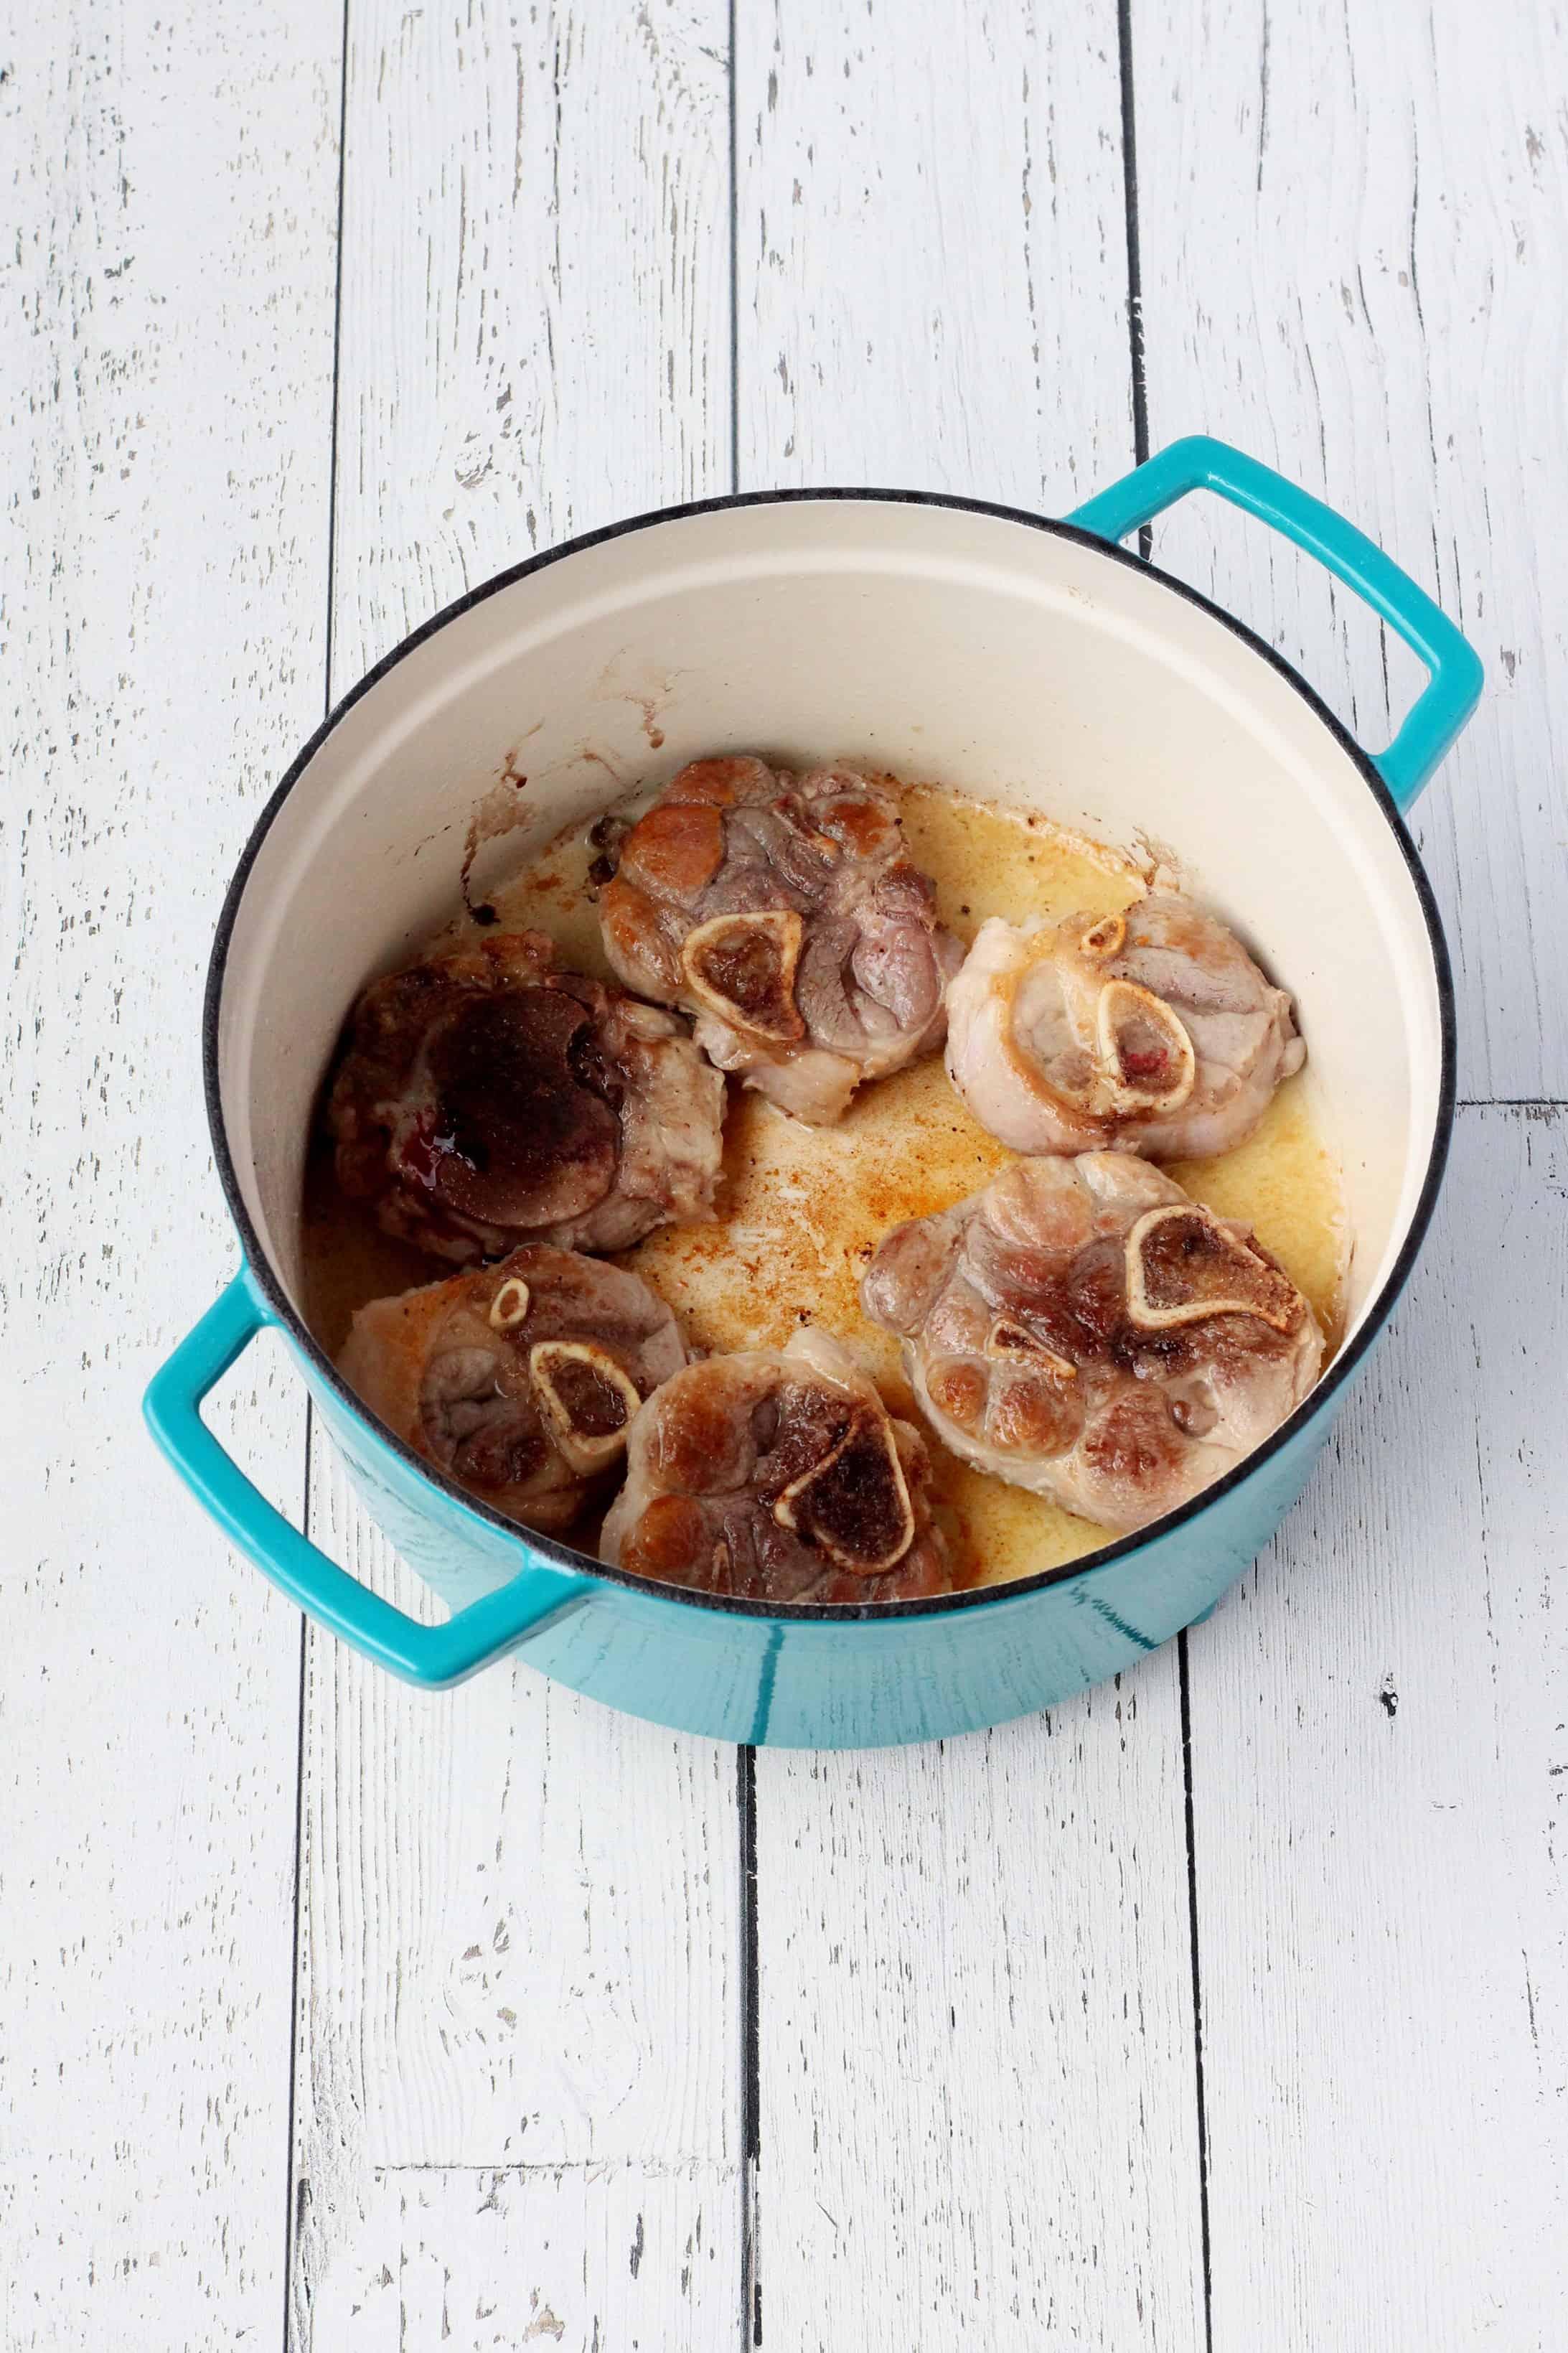 Italian pork osso buco